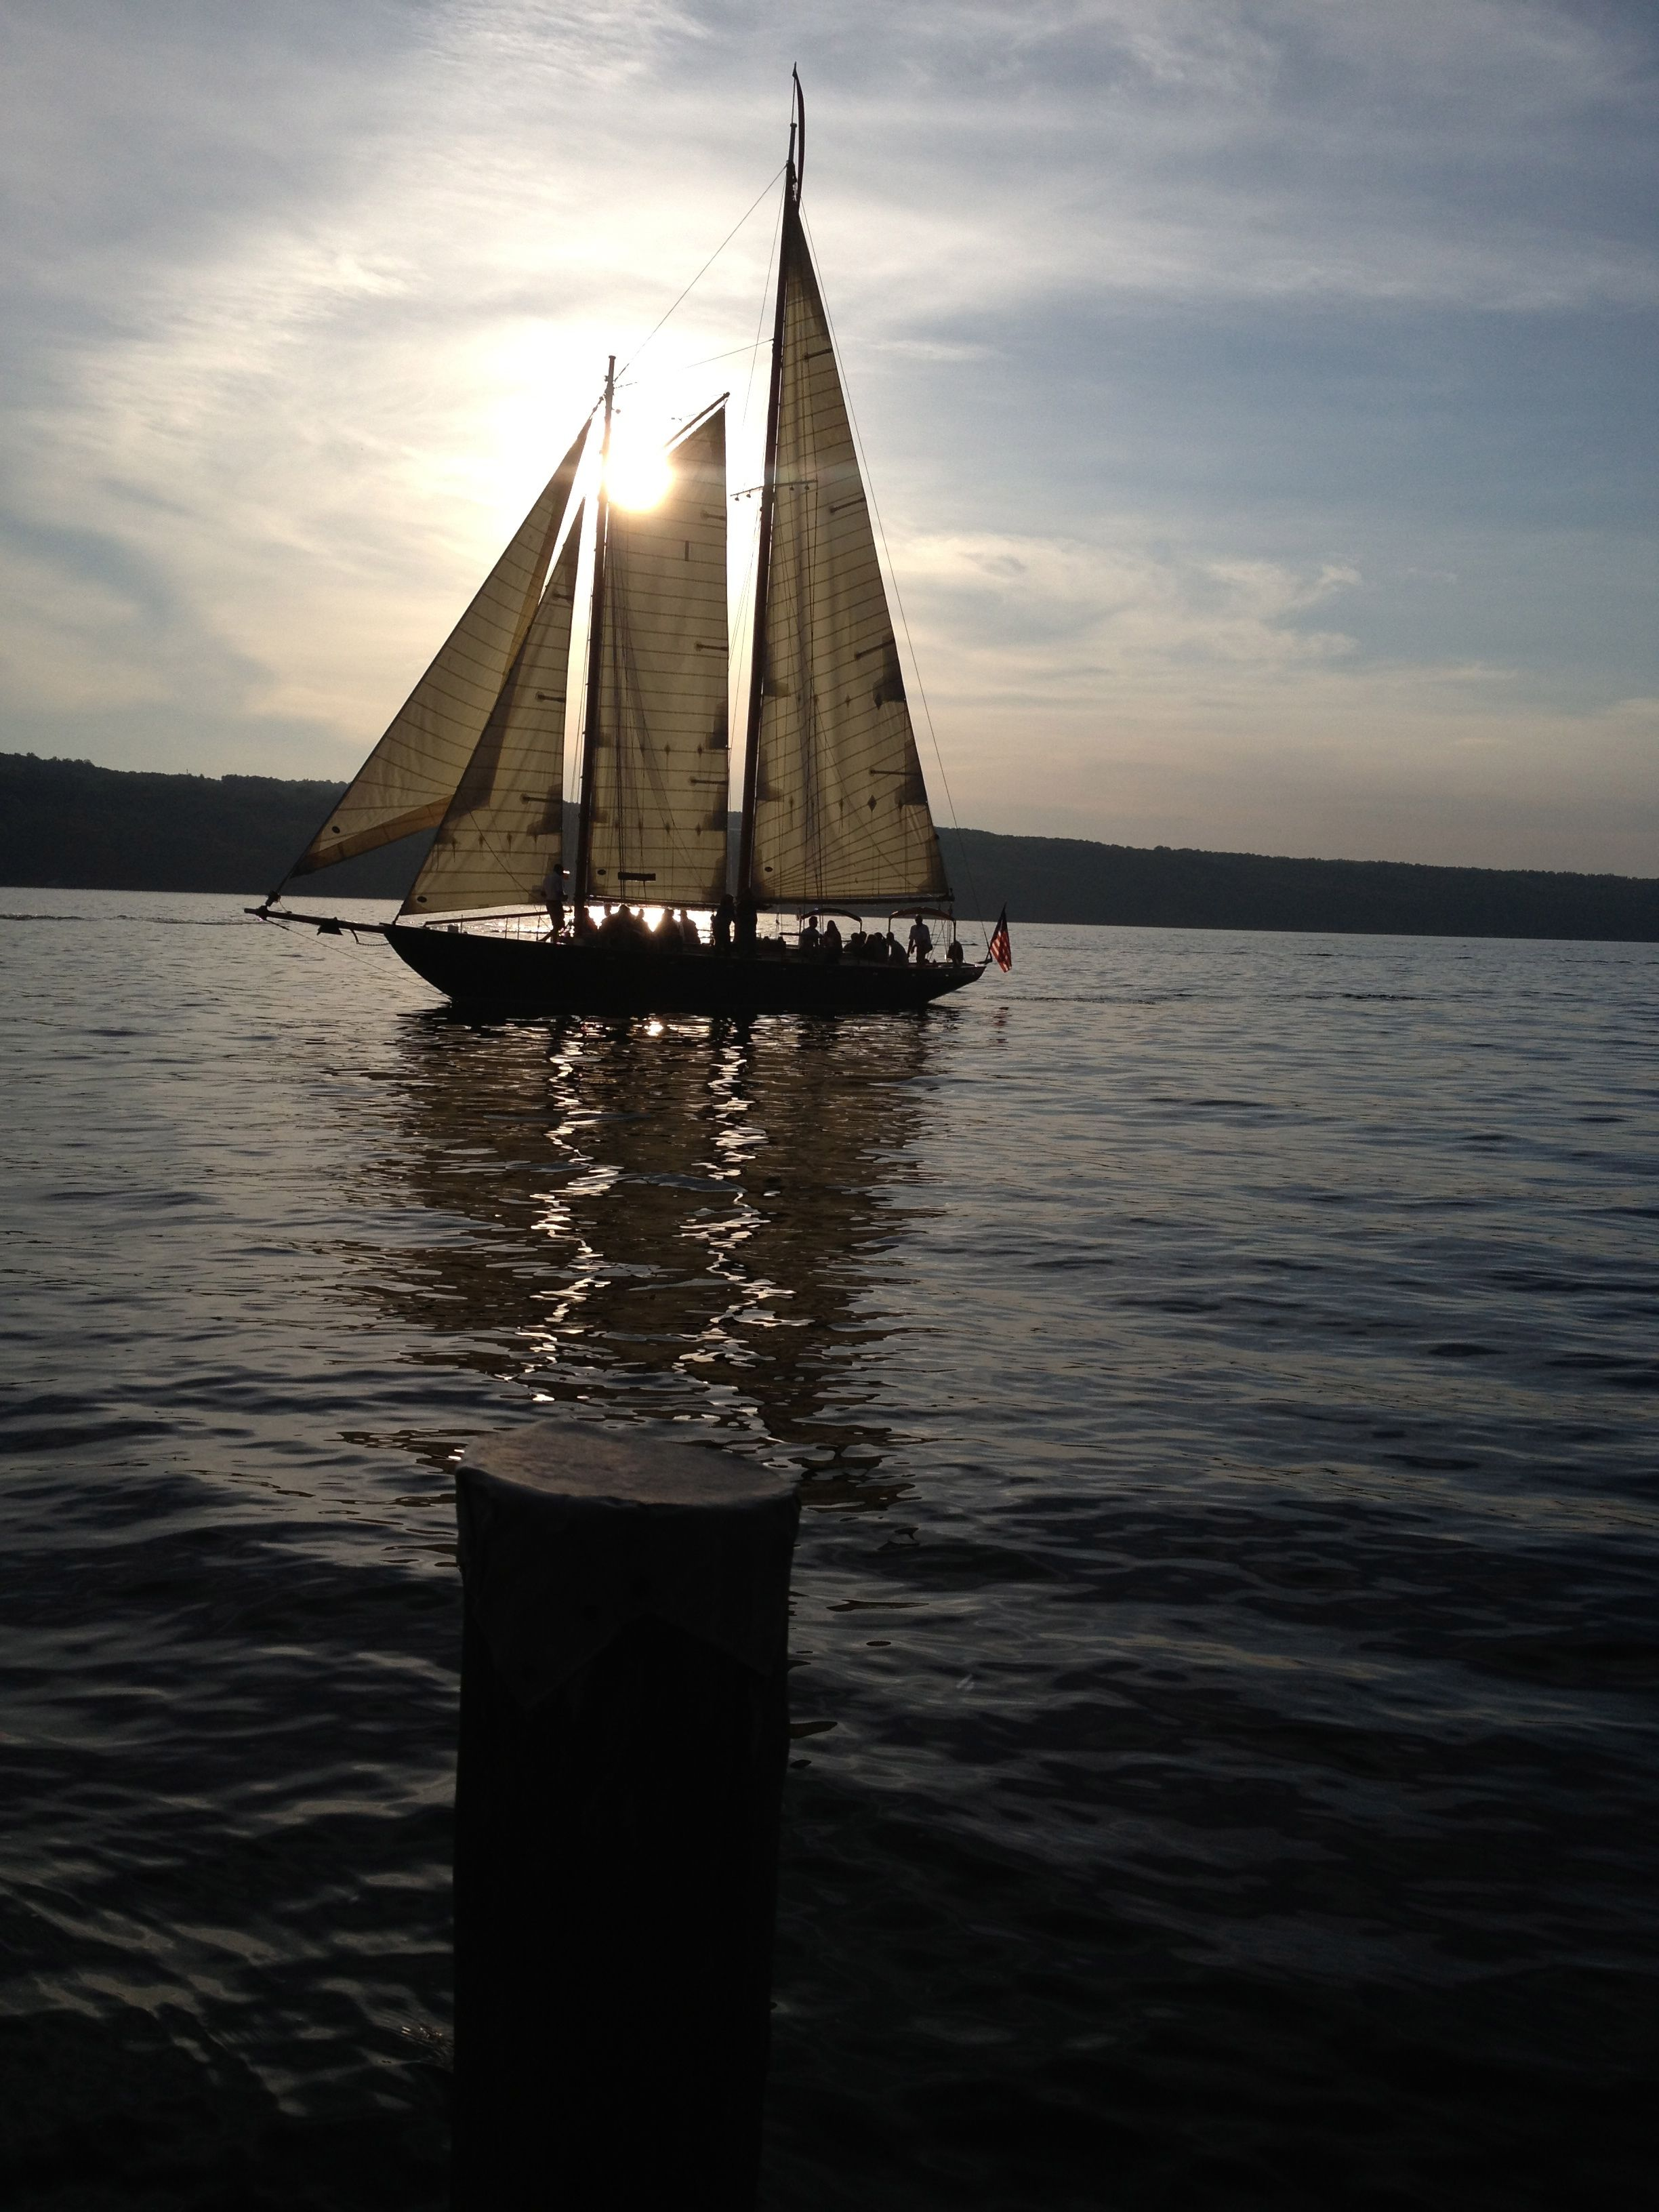 cruising on Seneca Lake